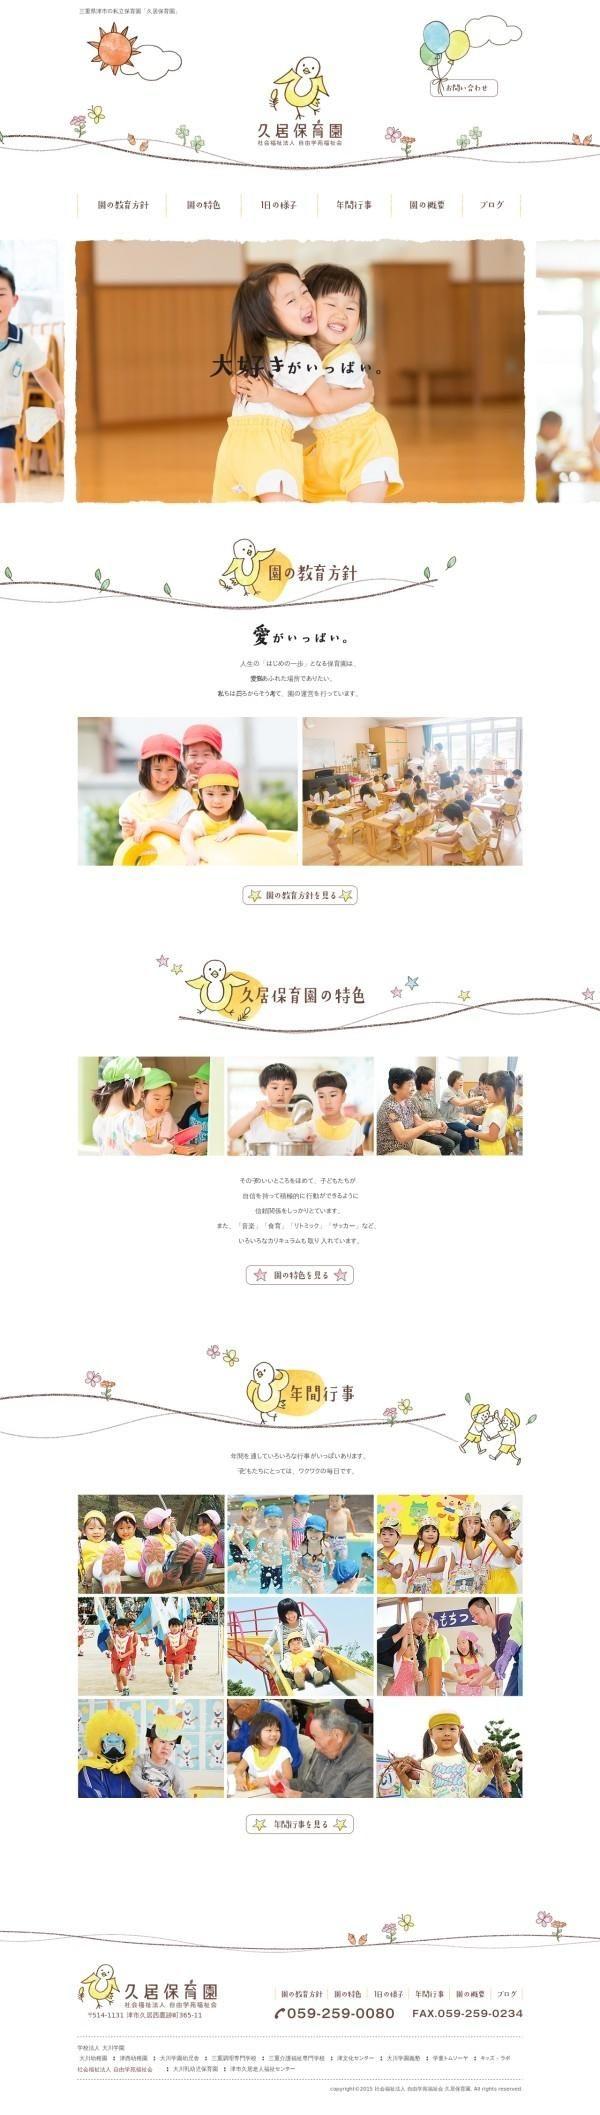 三重県津市にある私立保育園「久居保育園」